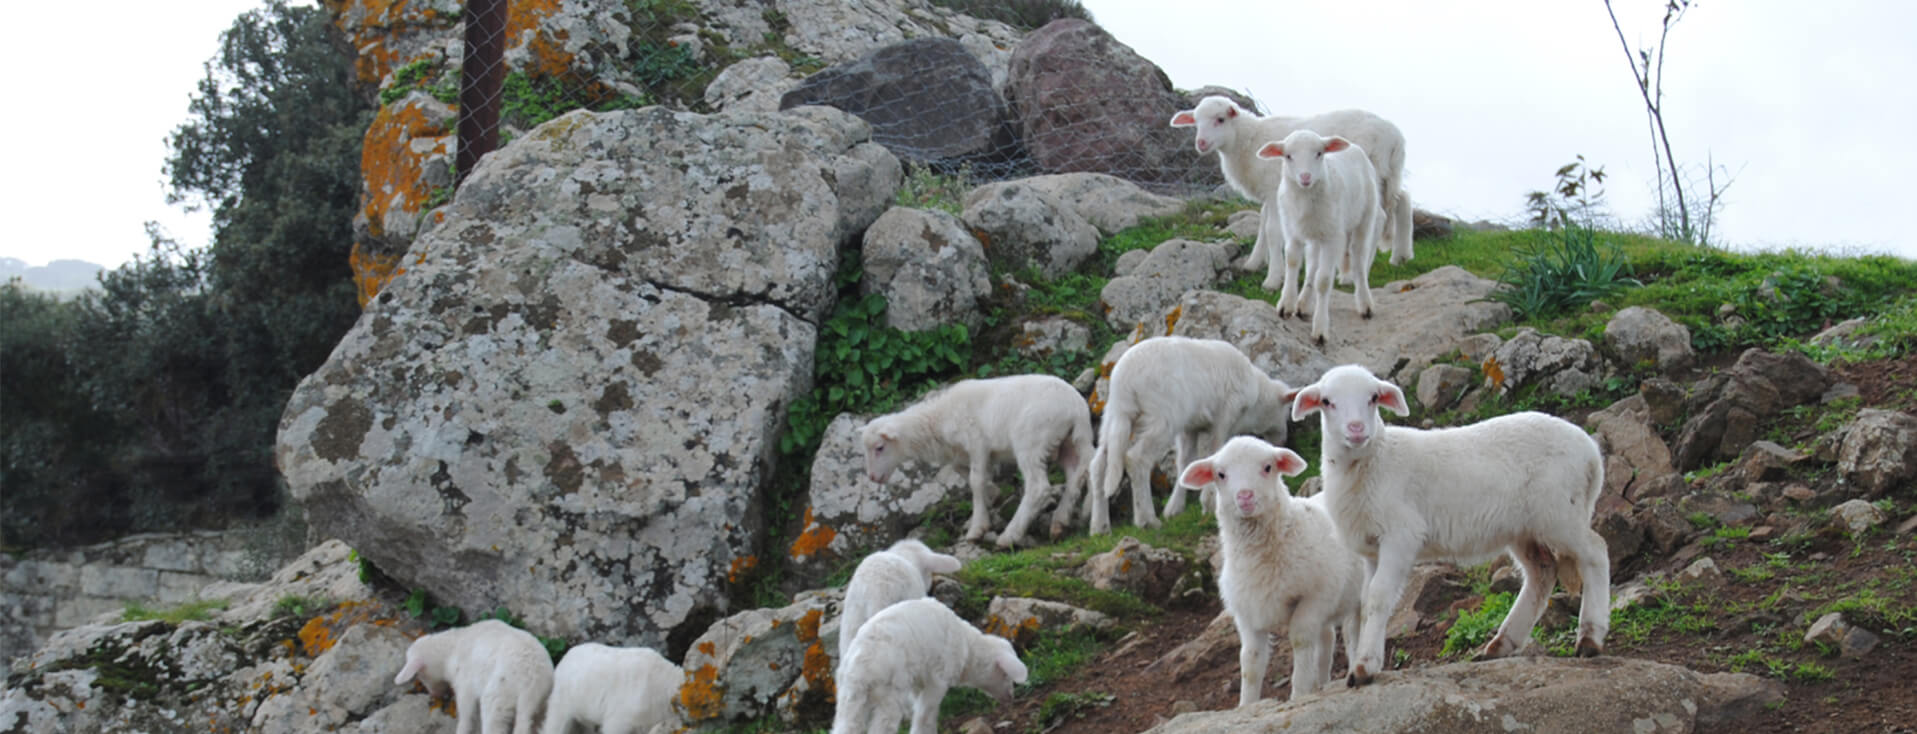 Agriturismo Ruspina à Nulvi